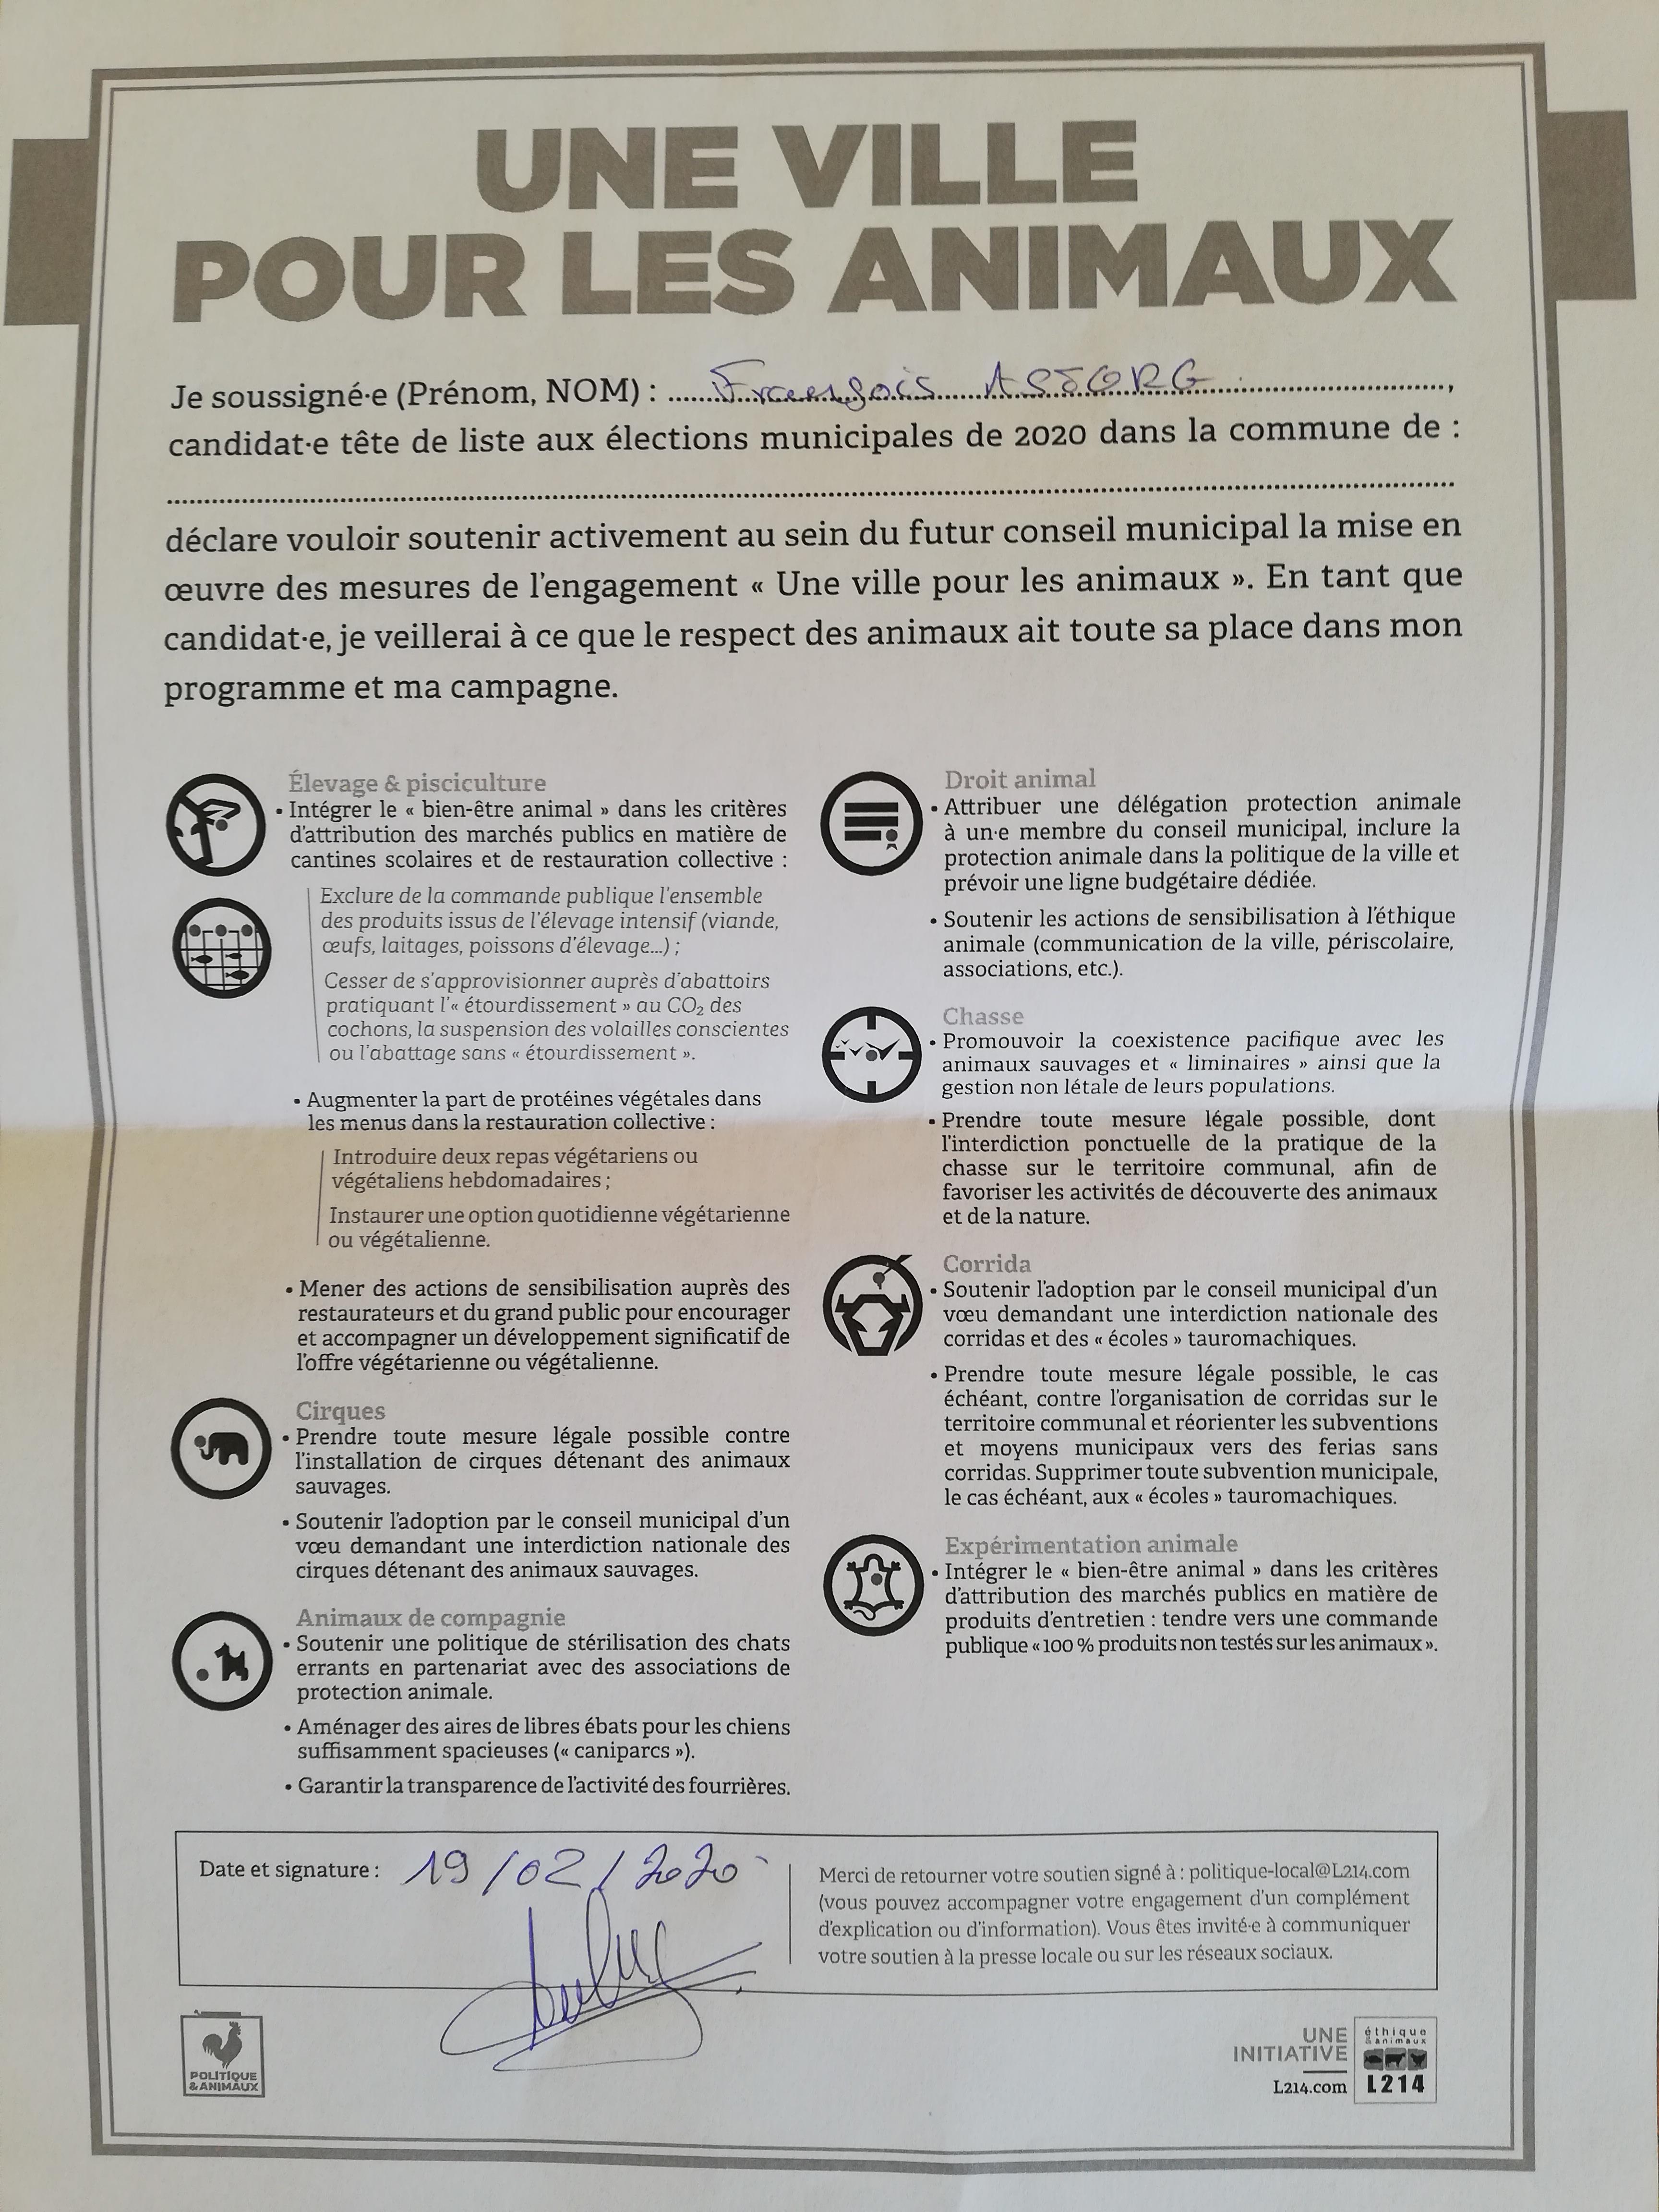 Francois_Astorg-Une_ville_pour_les_animaux